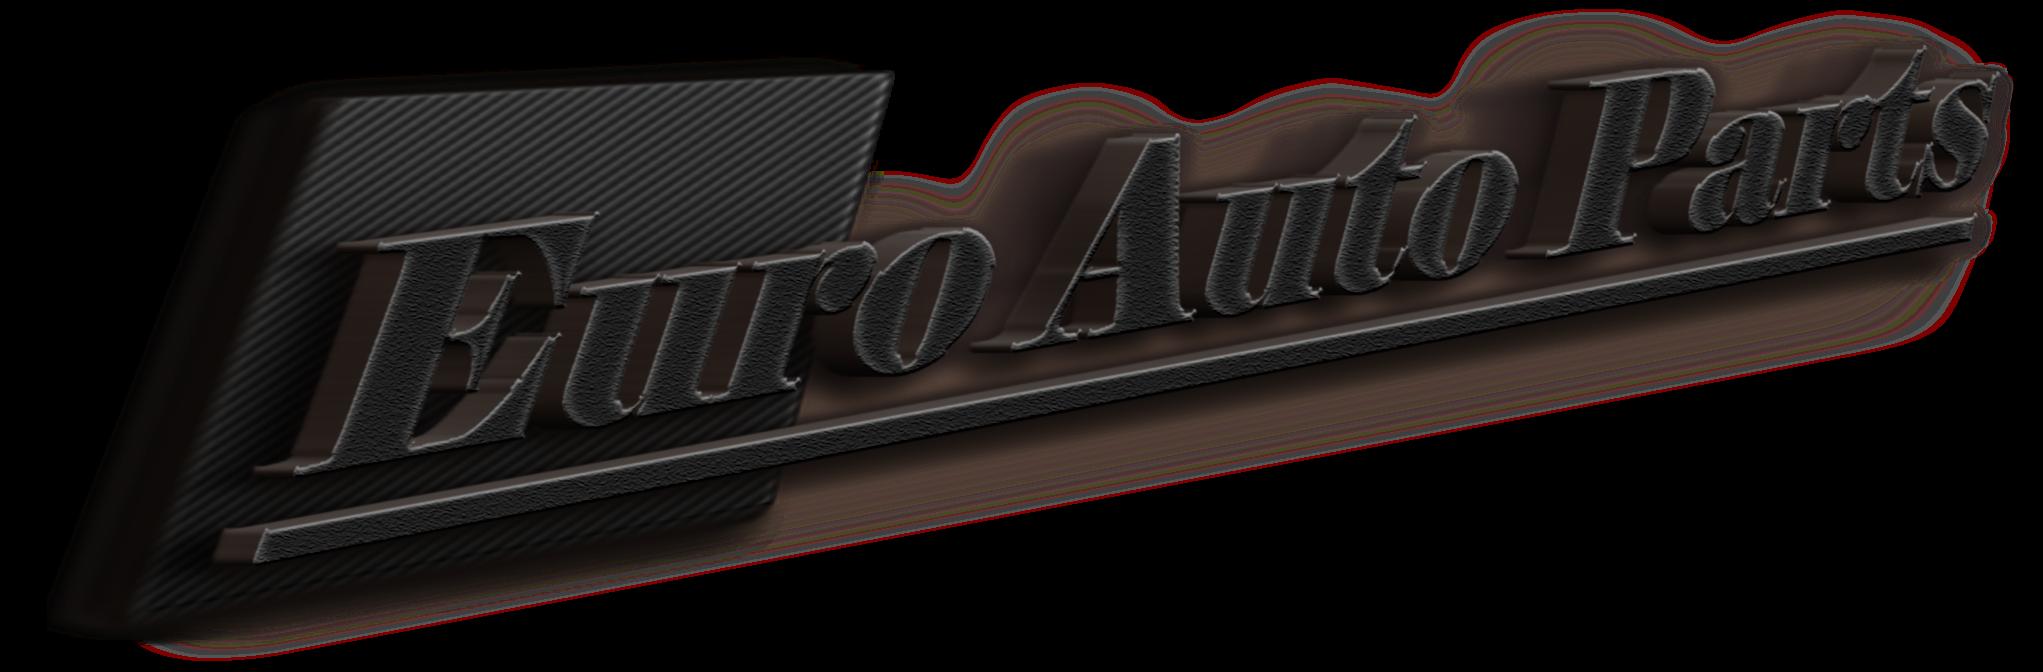 European Automotive Parts And Components Bmw Parts Supplier Bmw